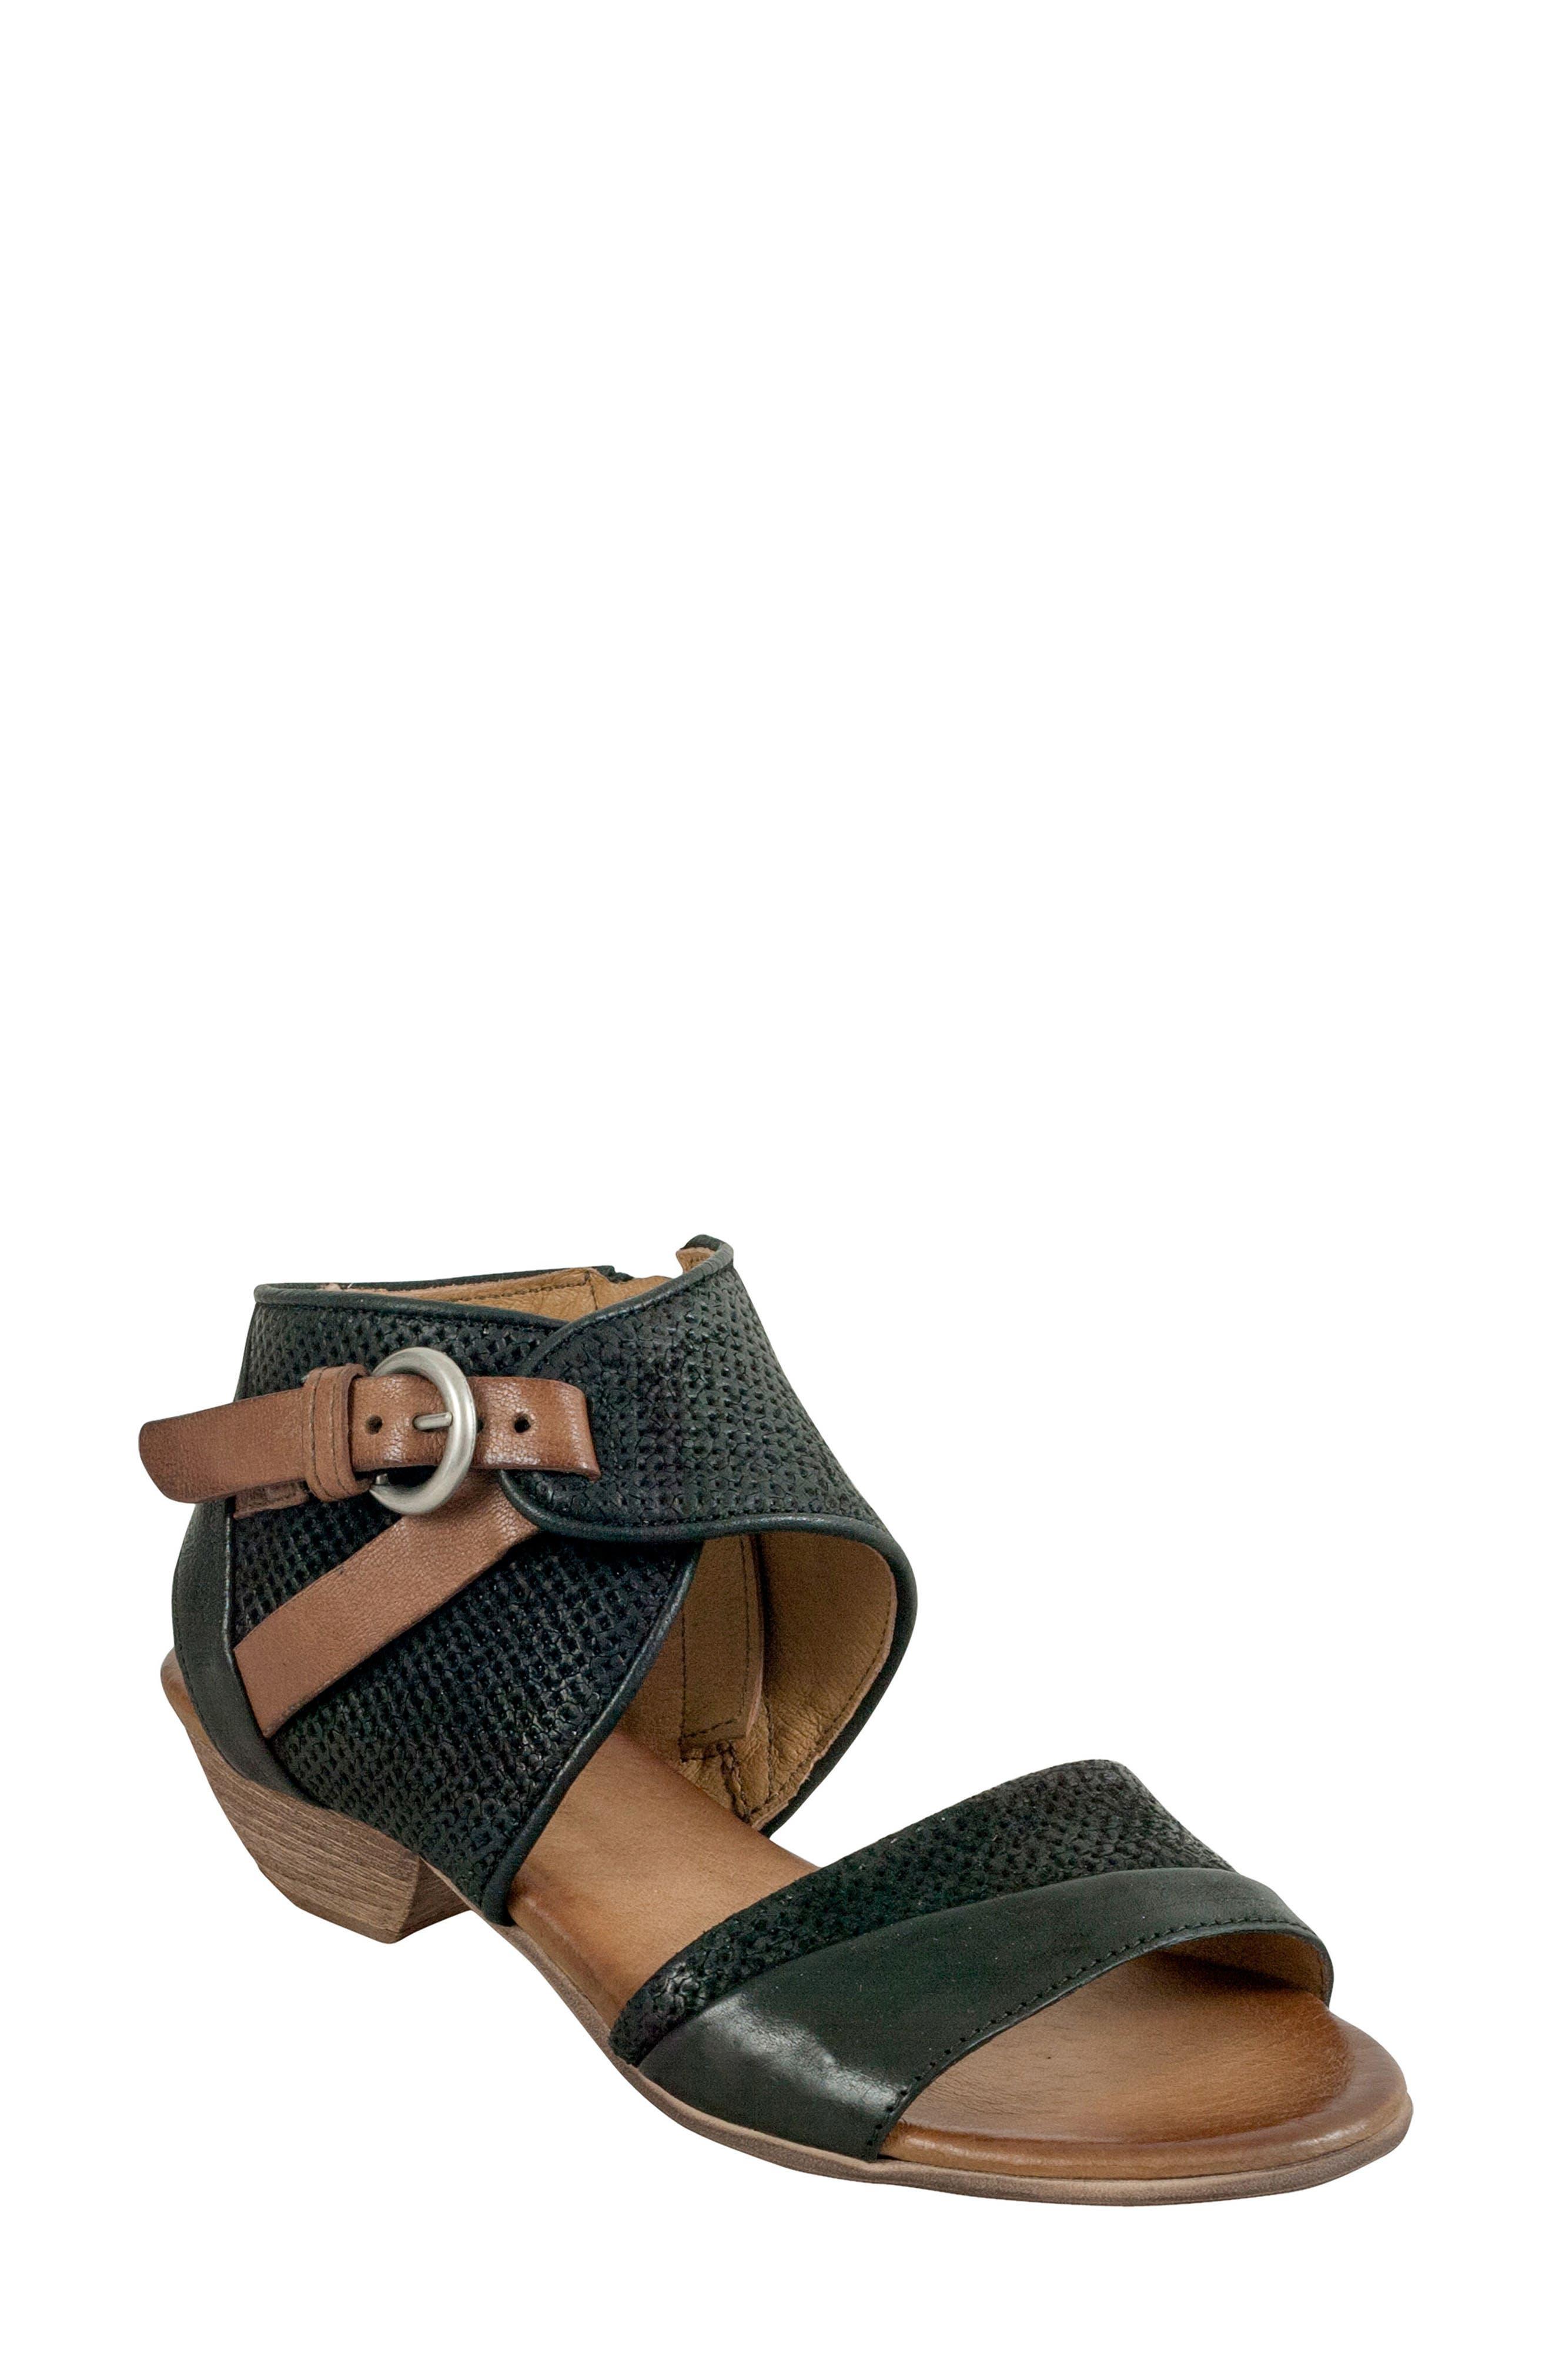 Chatham Textured Sandal,                             Main thumbnail 1, color,                             001